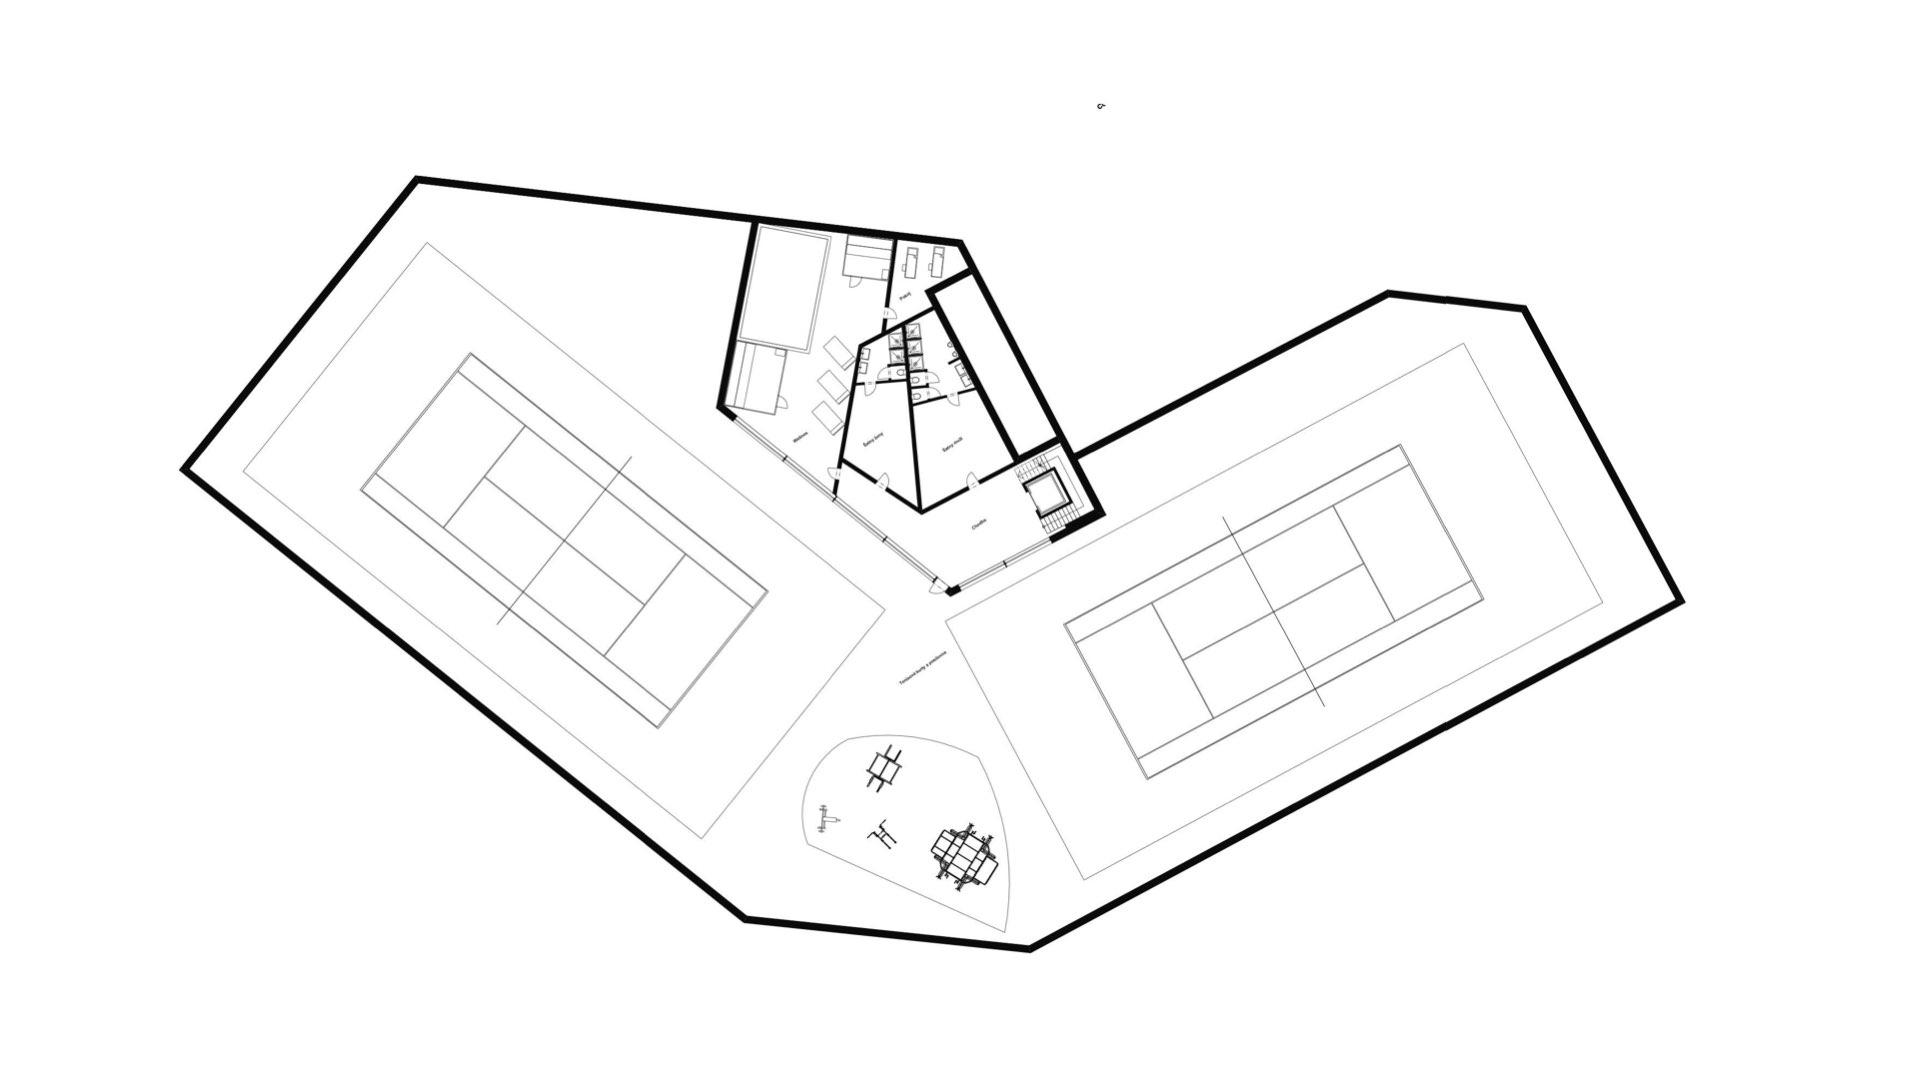 Rezidence Jenerálka KKCG - půdorys sportovního komplexu - 2.NP. Autor: Kurz architekti